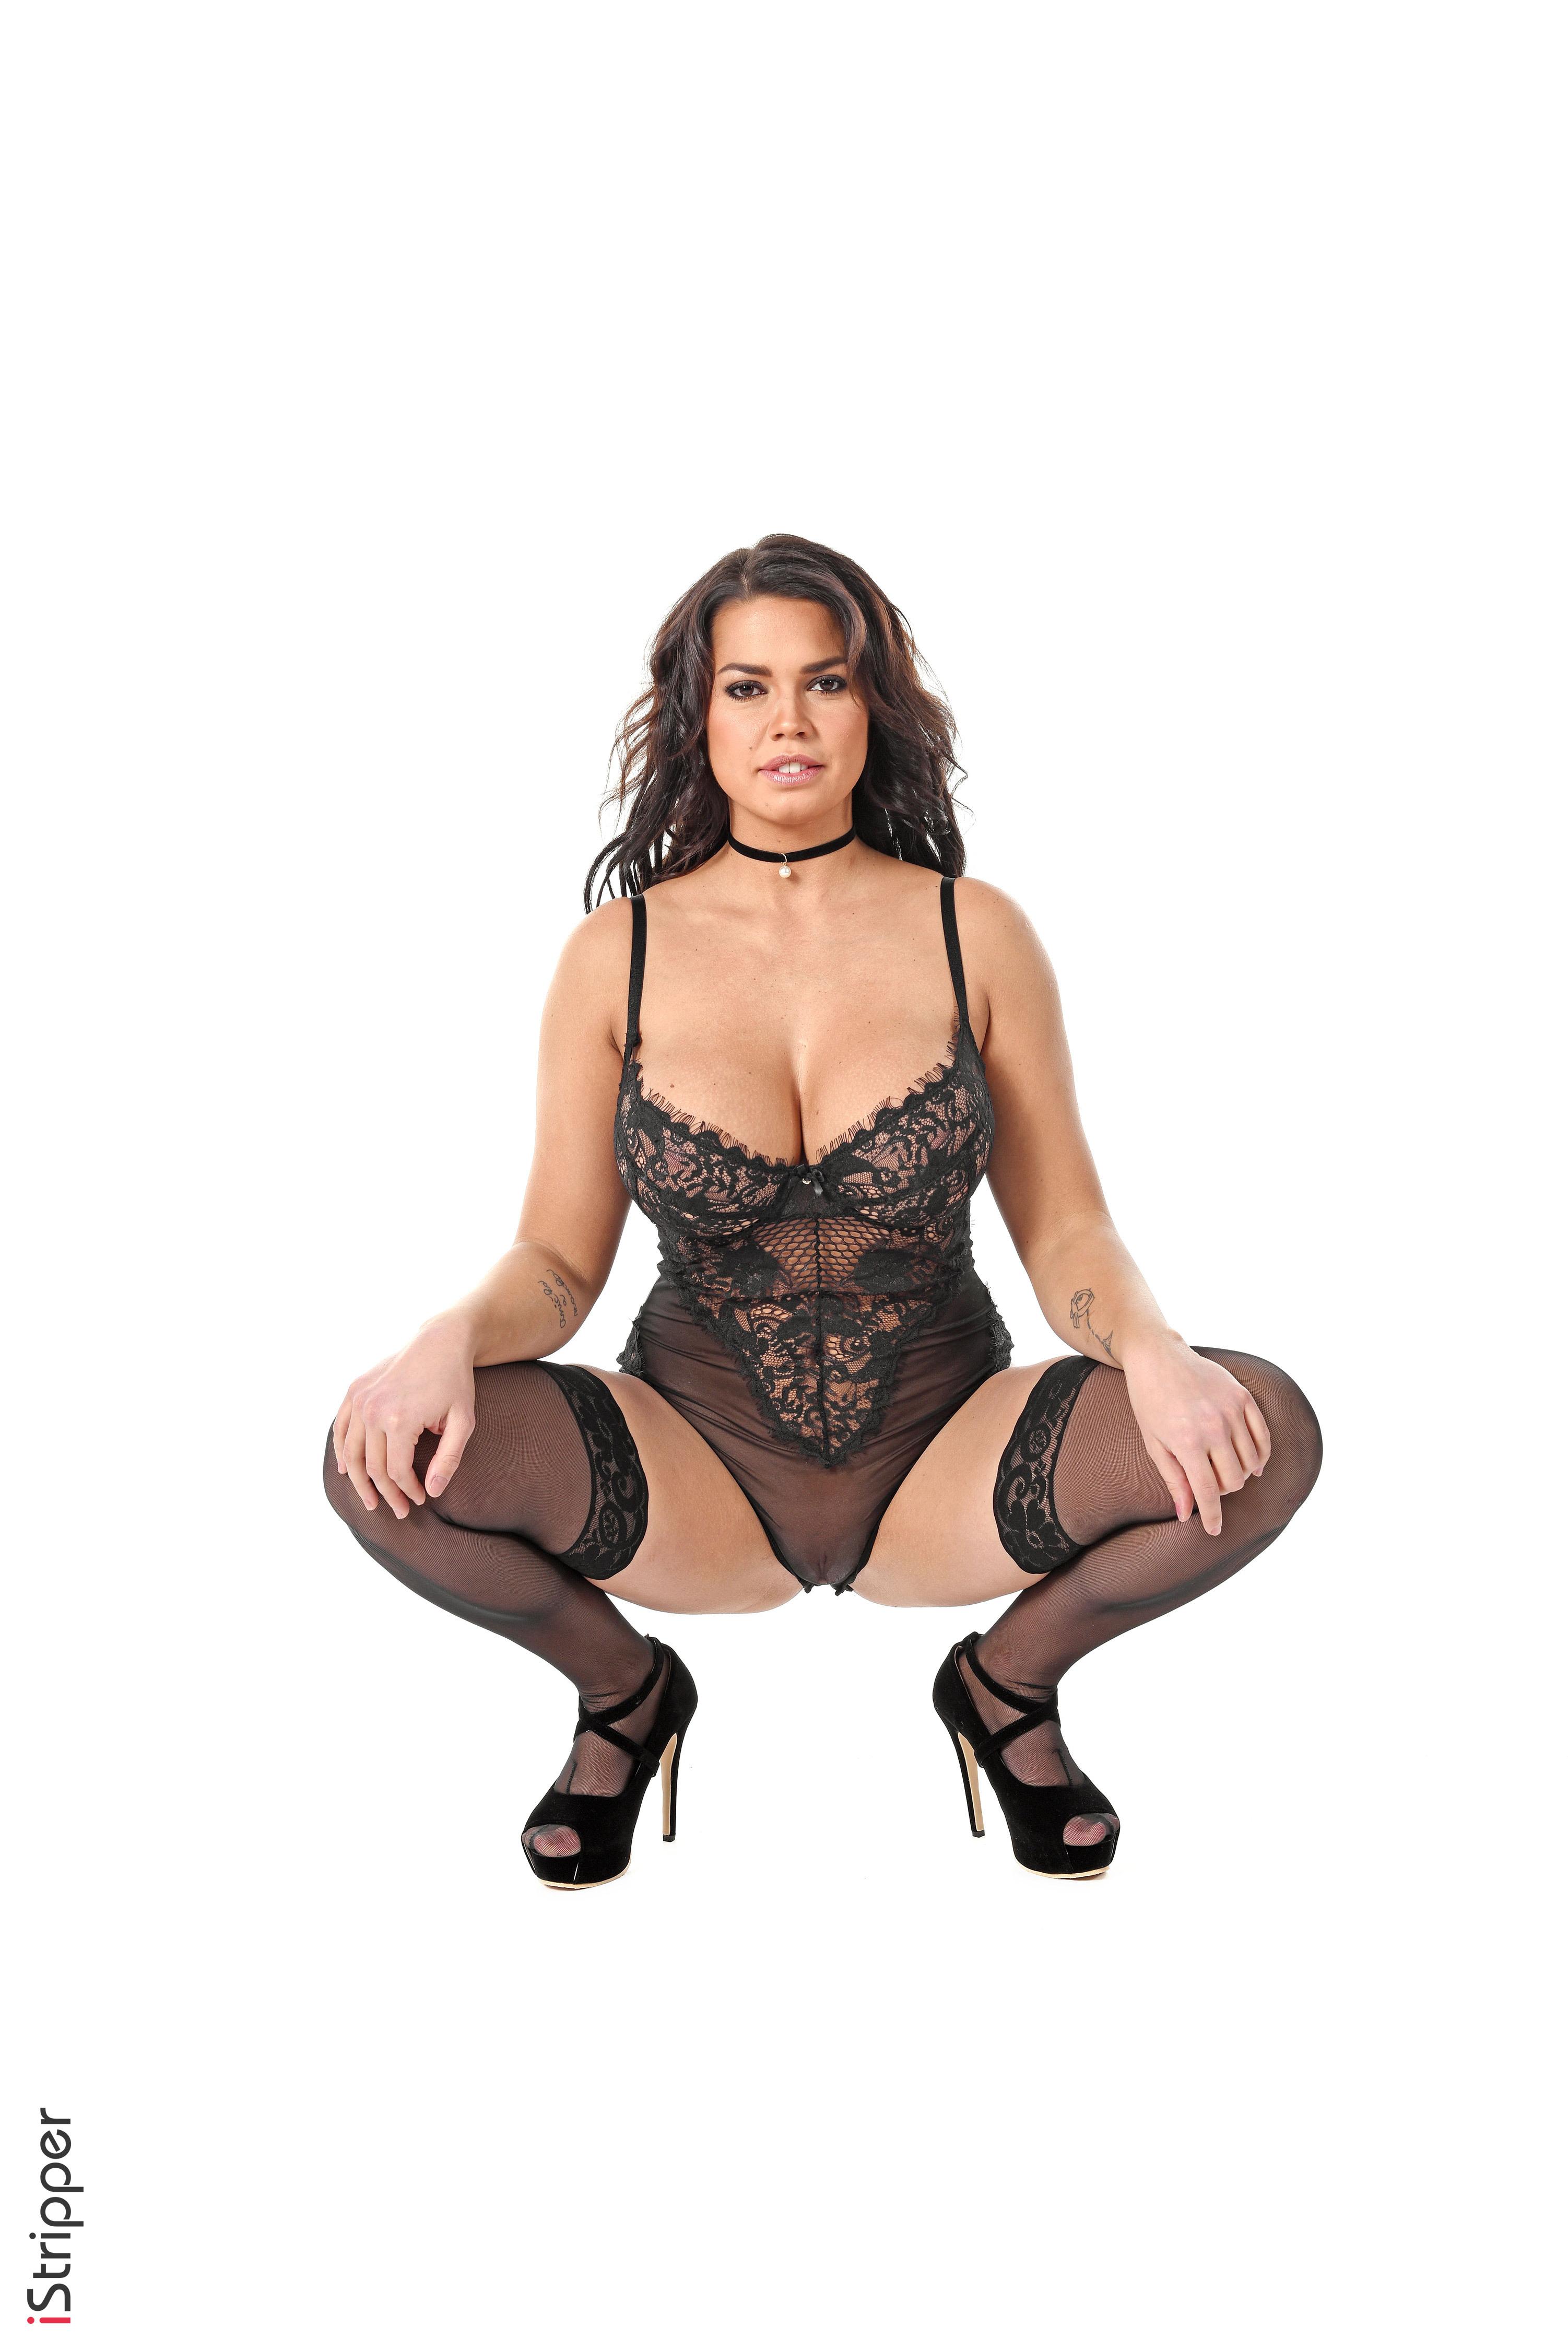 desktop virtual stripper